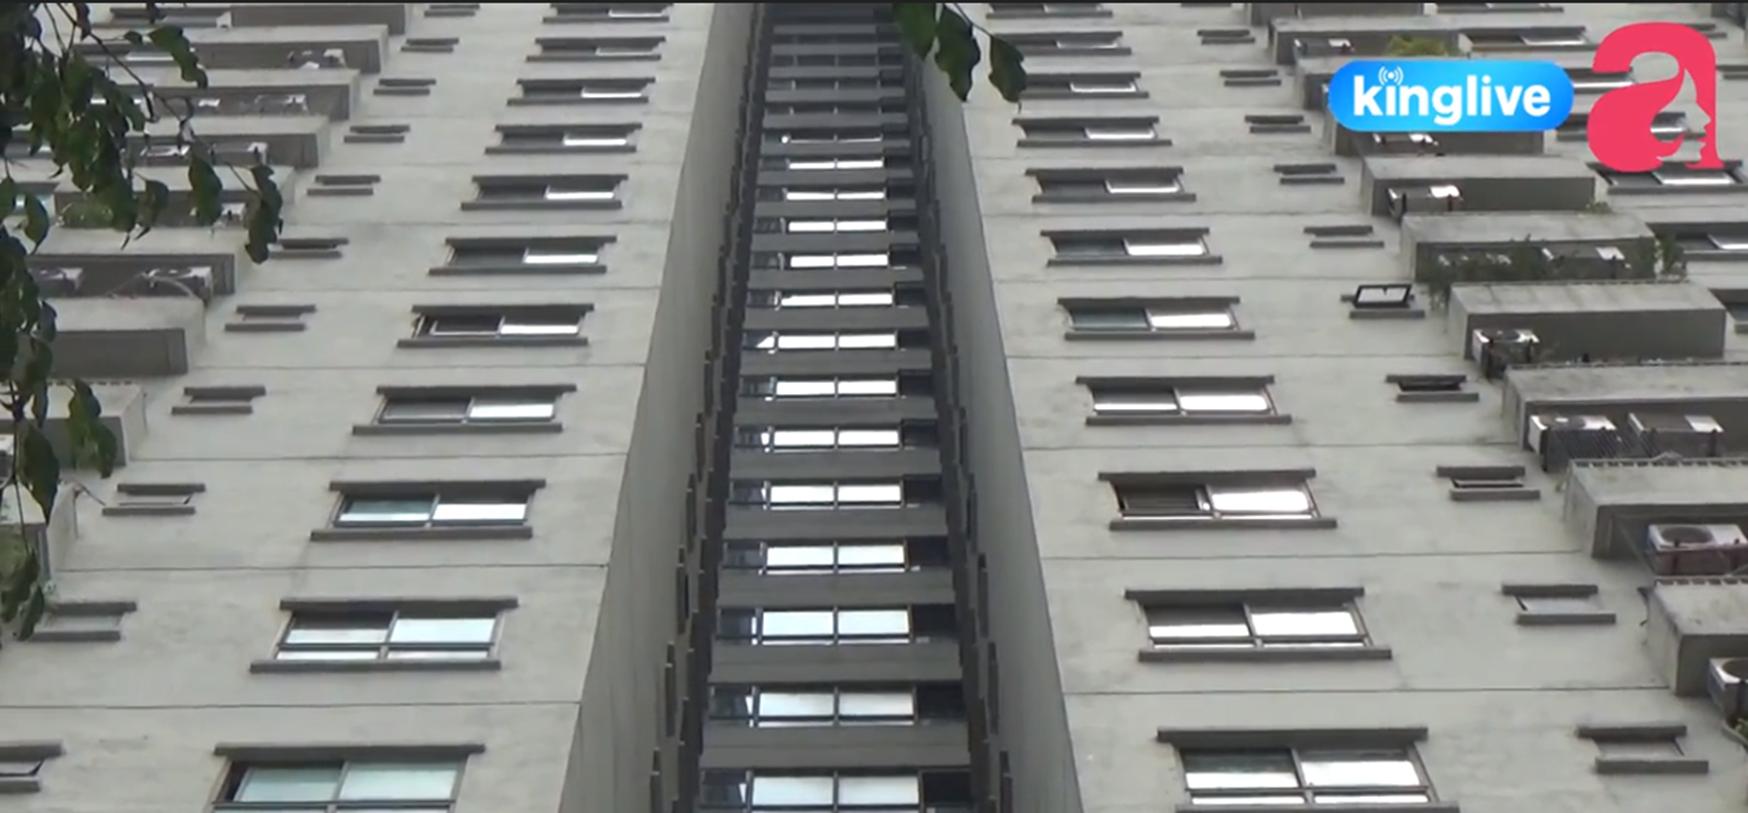 Tổ ong HH Linh Đàm: Chưa sổ hồng, cơ sở xuống cấp và nỗi hoang mang của người dân cư trú tại nơi là nhà mình mà chưa được công nhận là nhà của mình-7